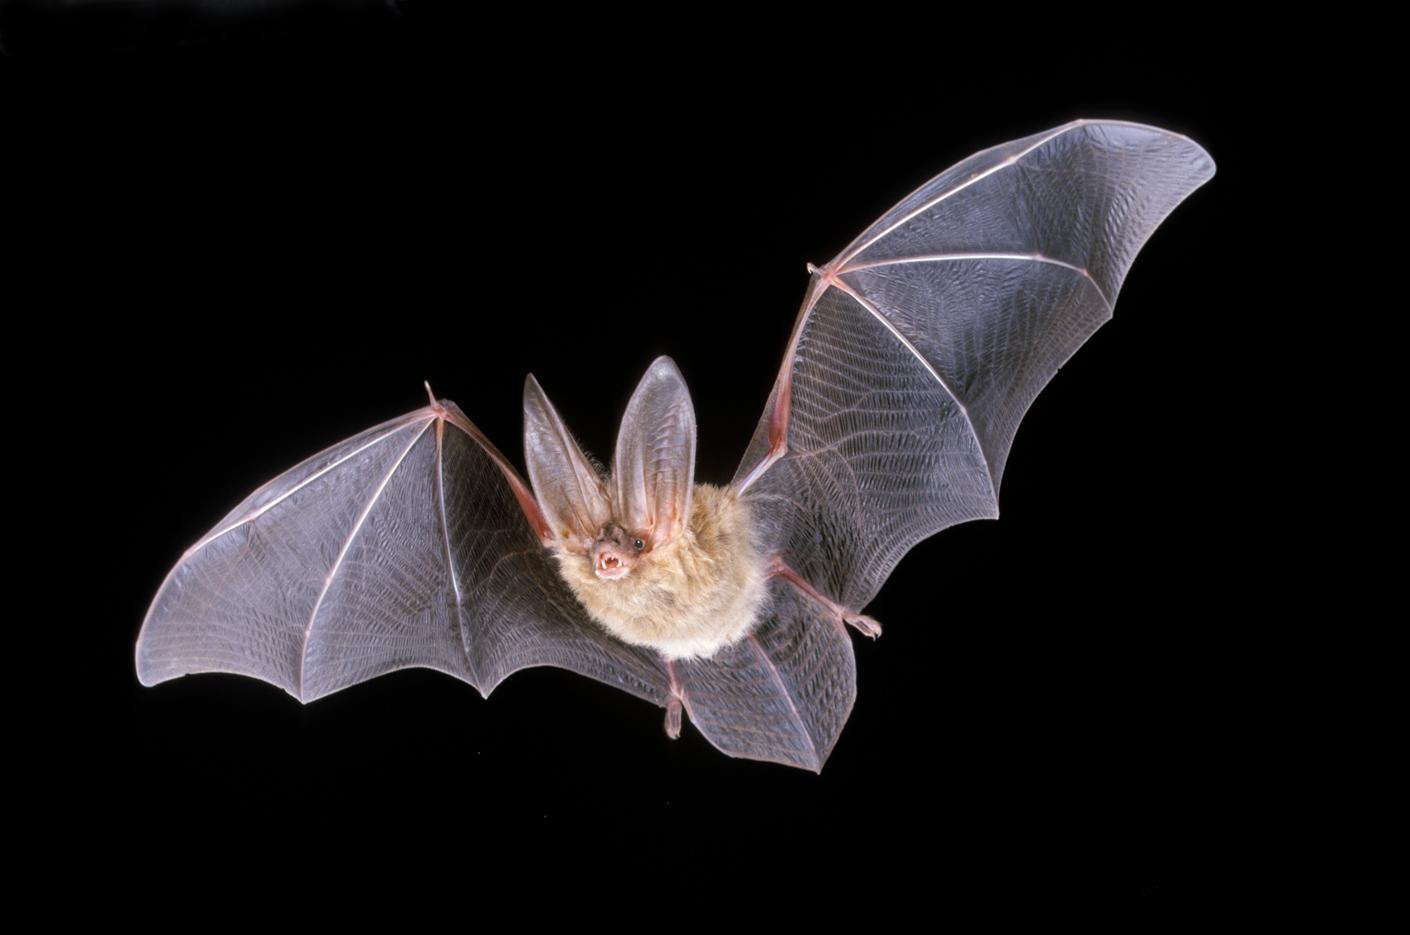 Źródło: http://www.emnrd.state.nm.us/mmd/AML/Bat-TownsendBig-eared.html